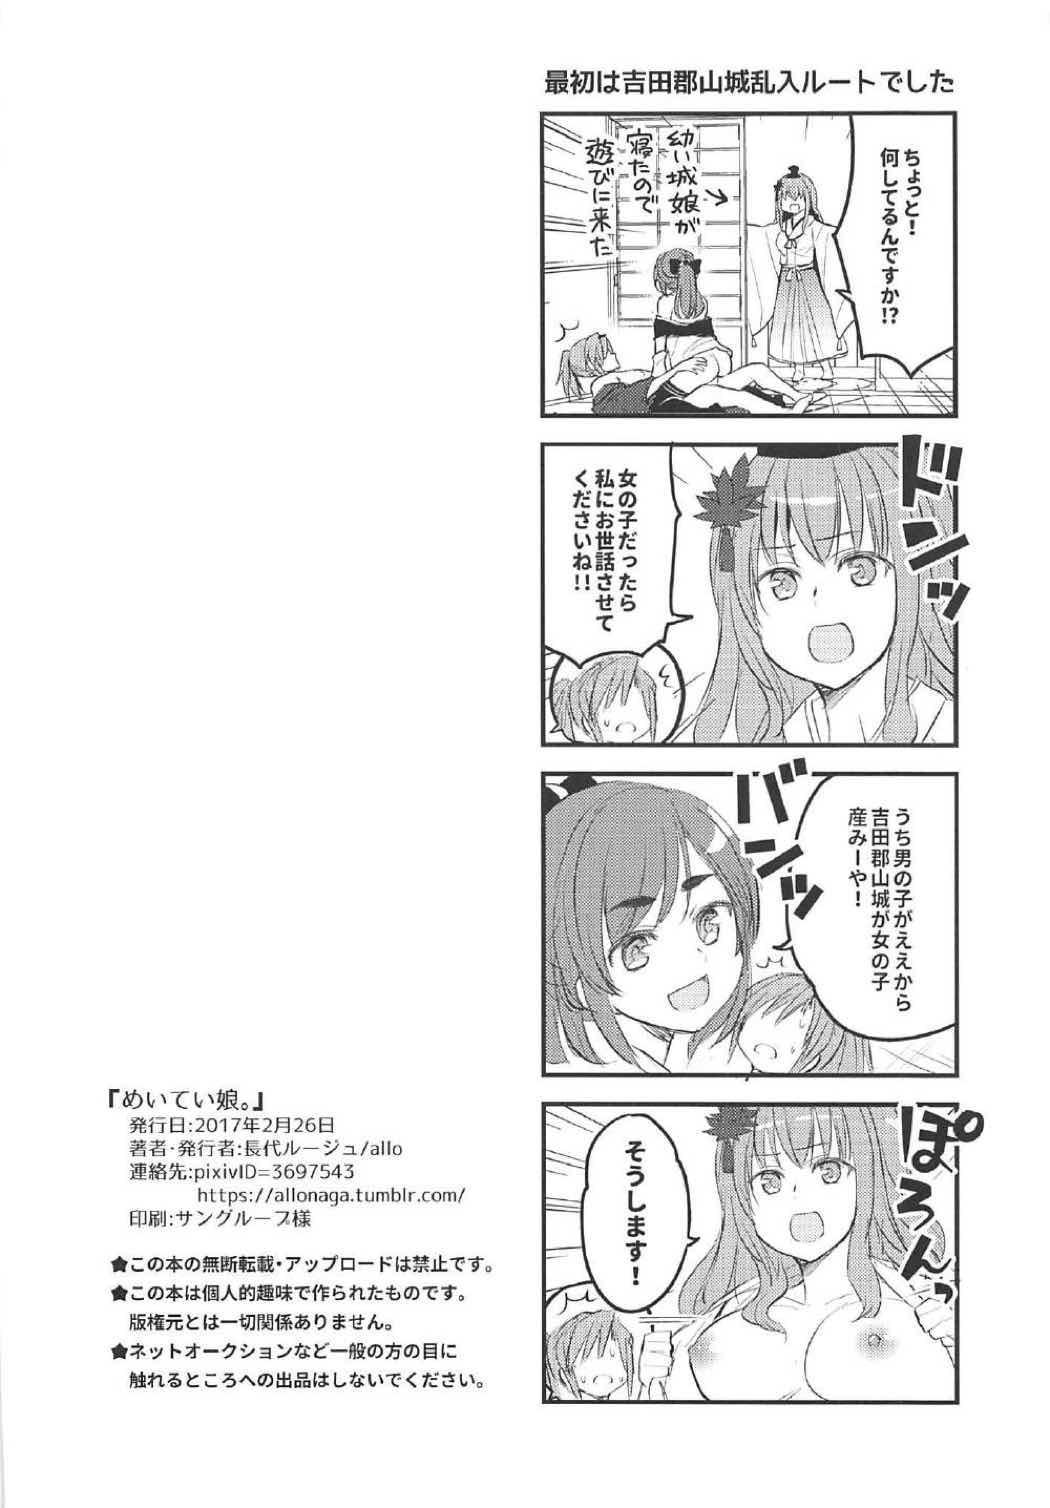 Meitei Musume. 16